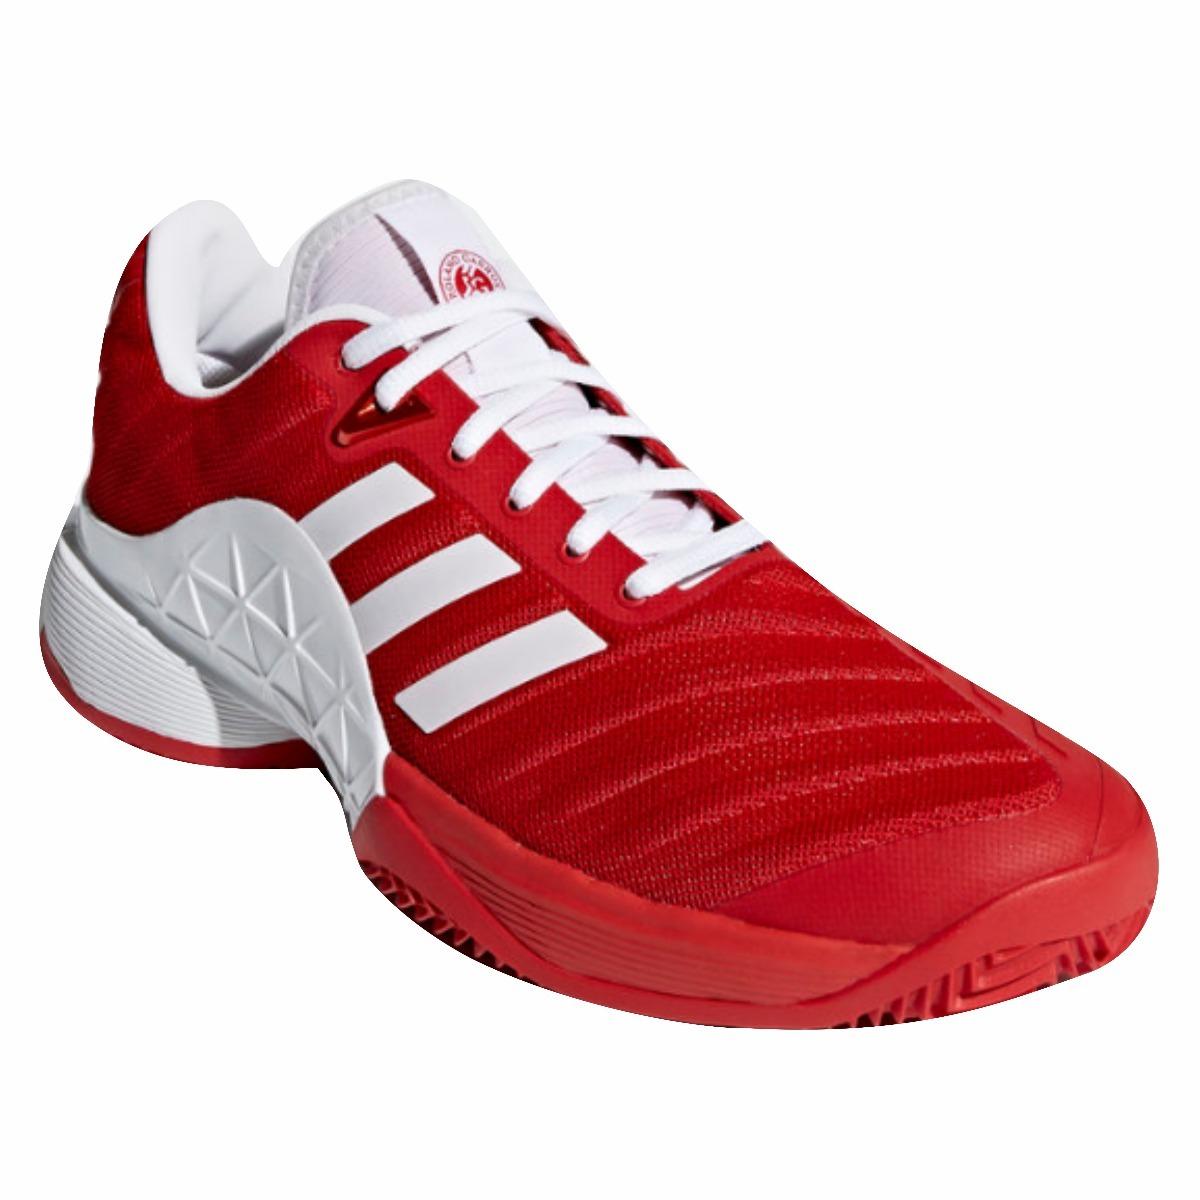 04de7f0024d tênis para jogar tênis adidas barricade clay 2018. Carregando zoom.